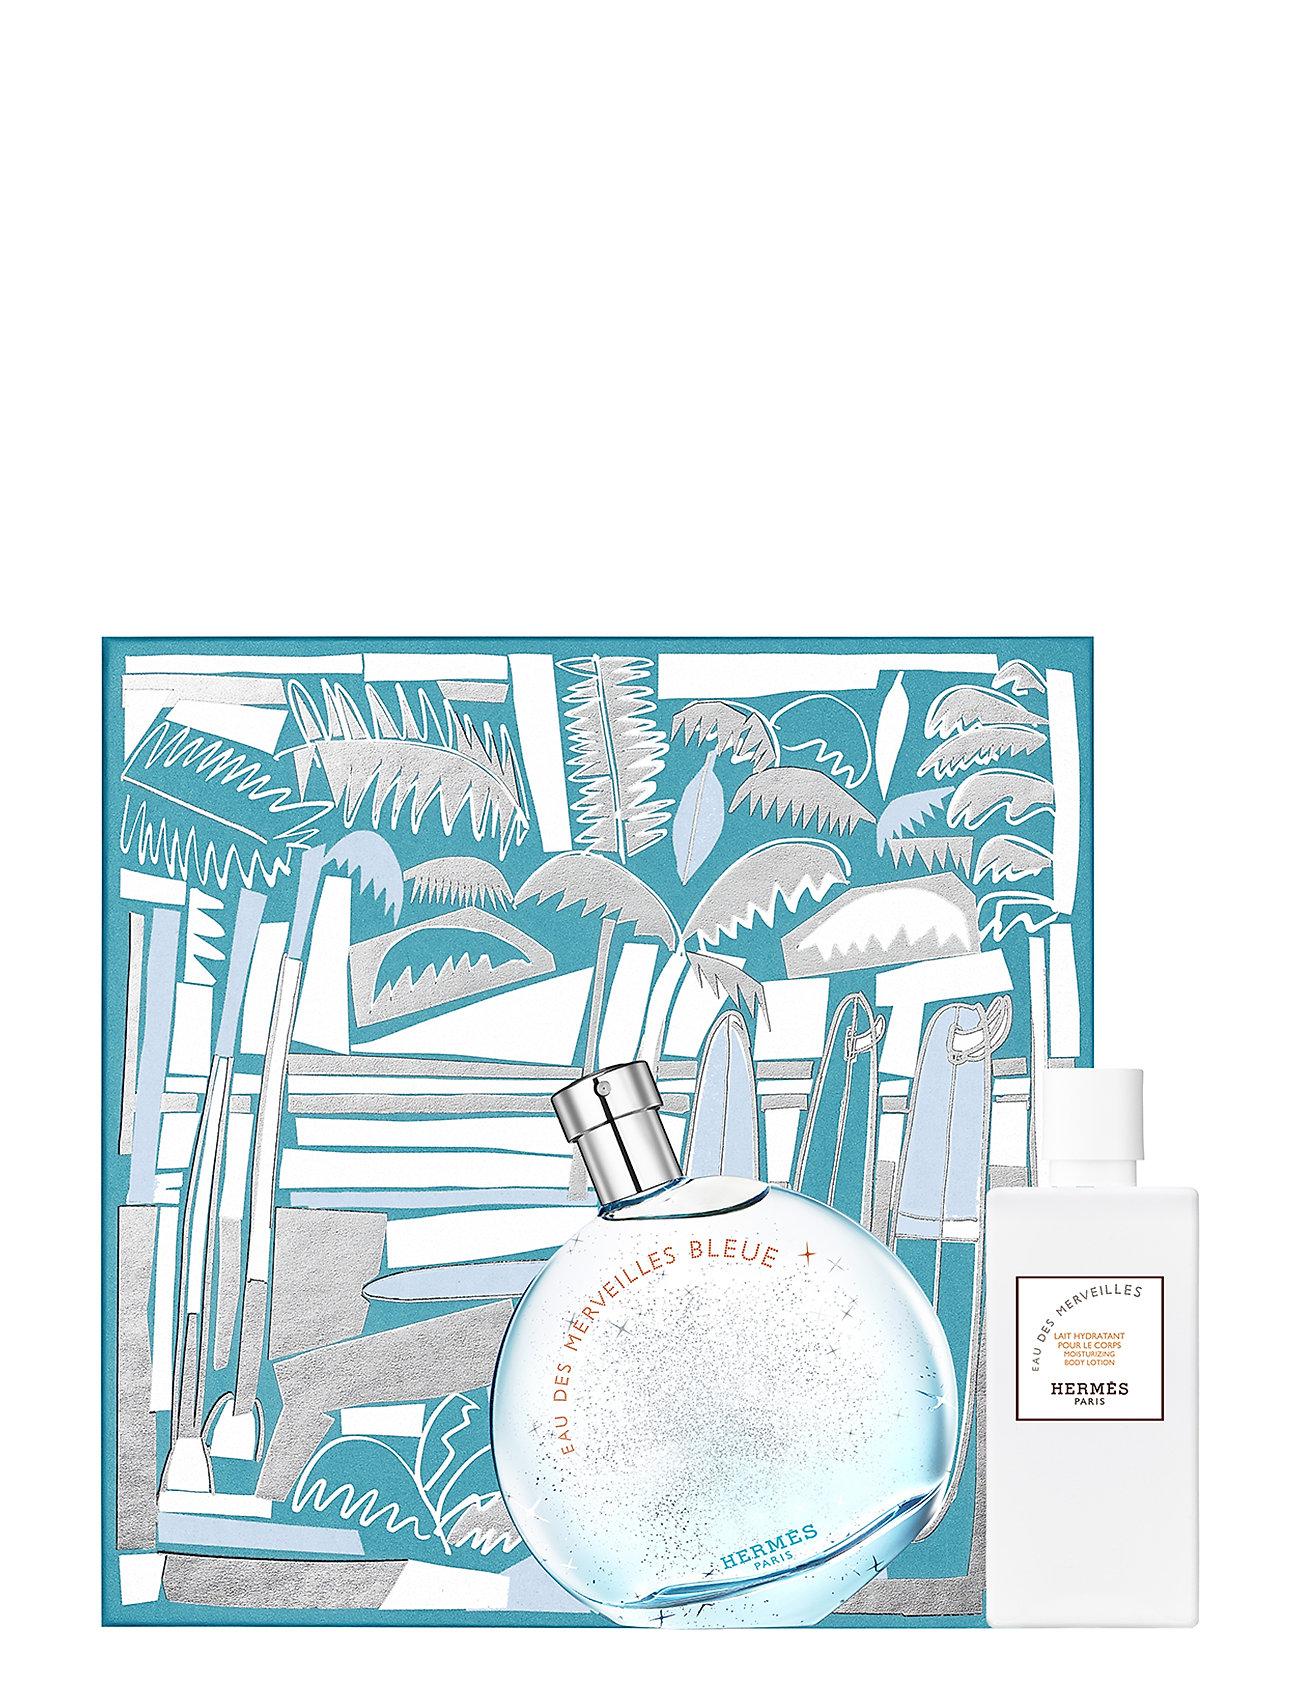 HERMÈS Eau des Merveilles Bleue Eau de Toilette set - CLEAR